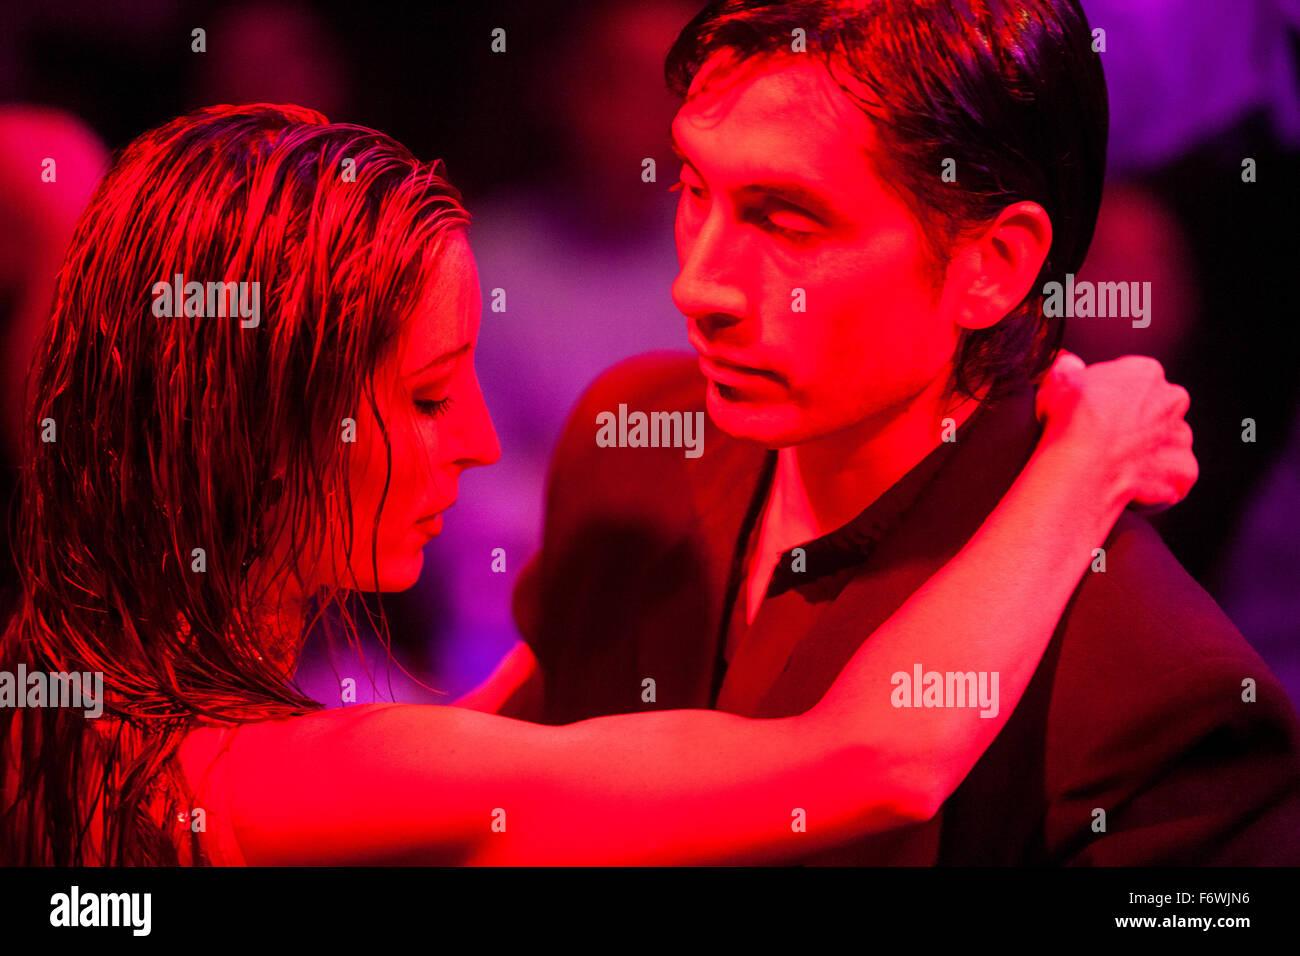 Leidenschaftliche Paare bei einem Tango-Tanz zeigen El Viejo Almacen Restaurant & Bar, Buenos Aires, Buenos Stockbild